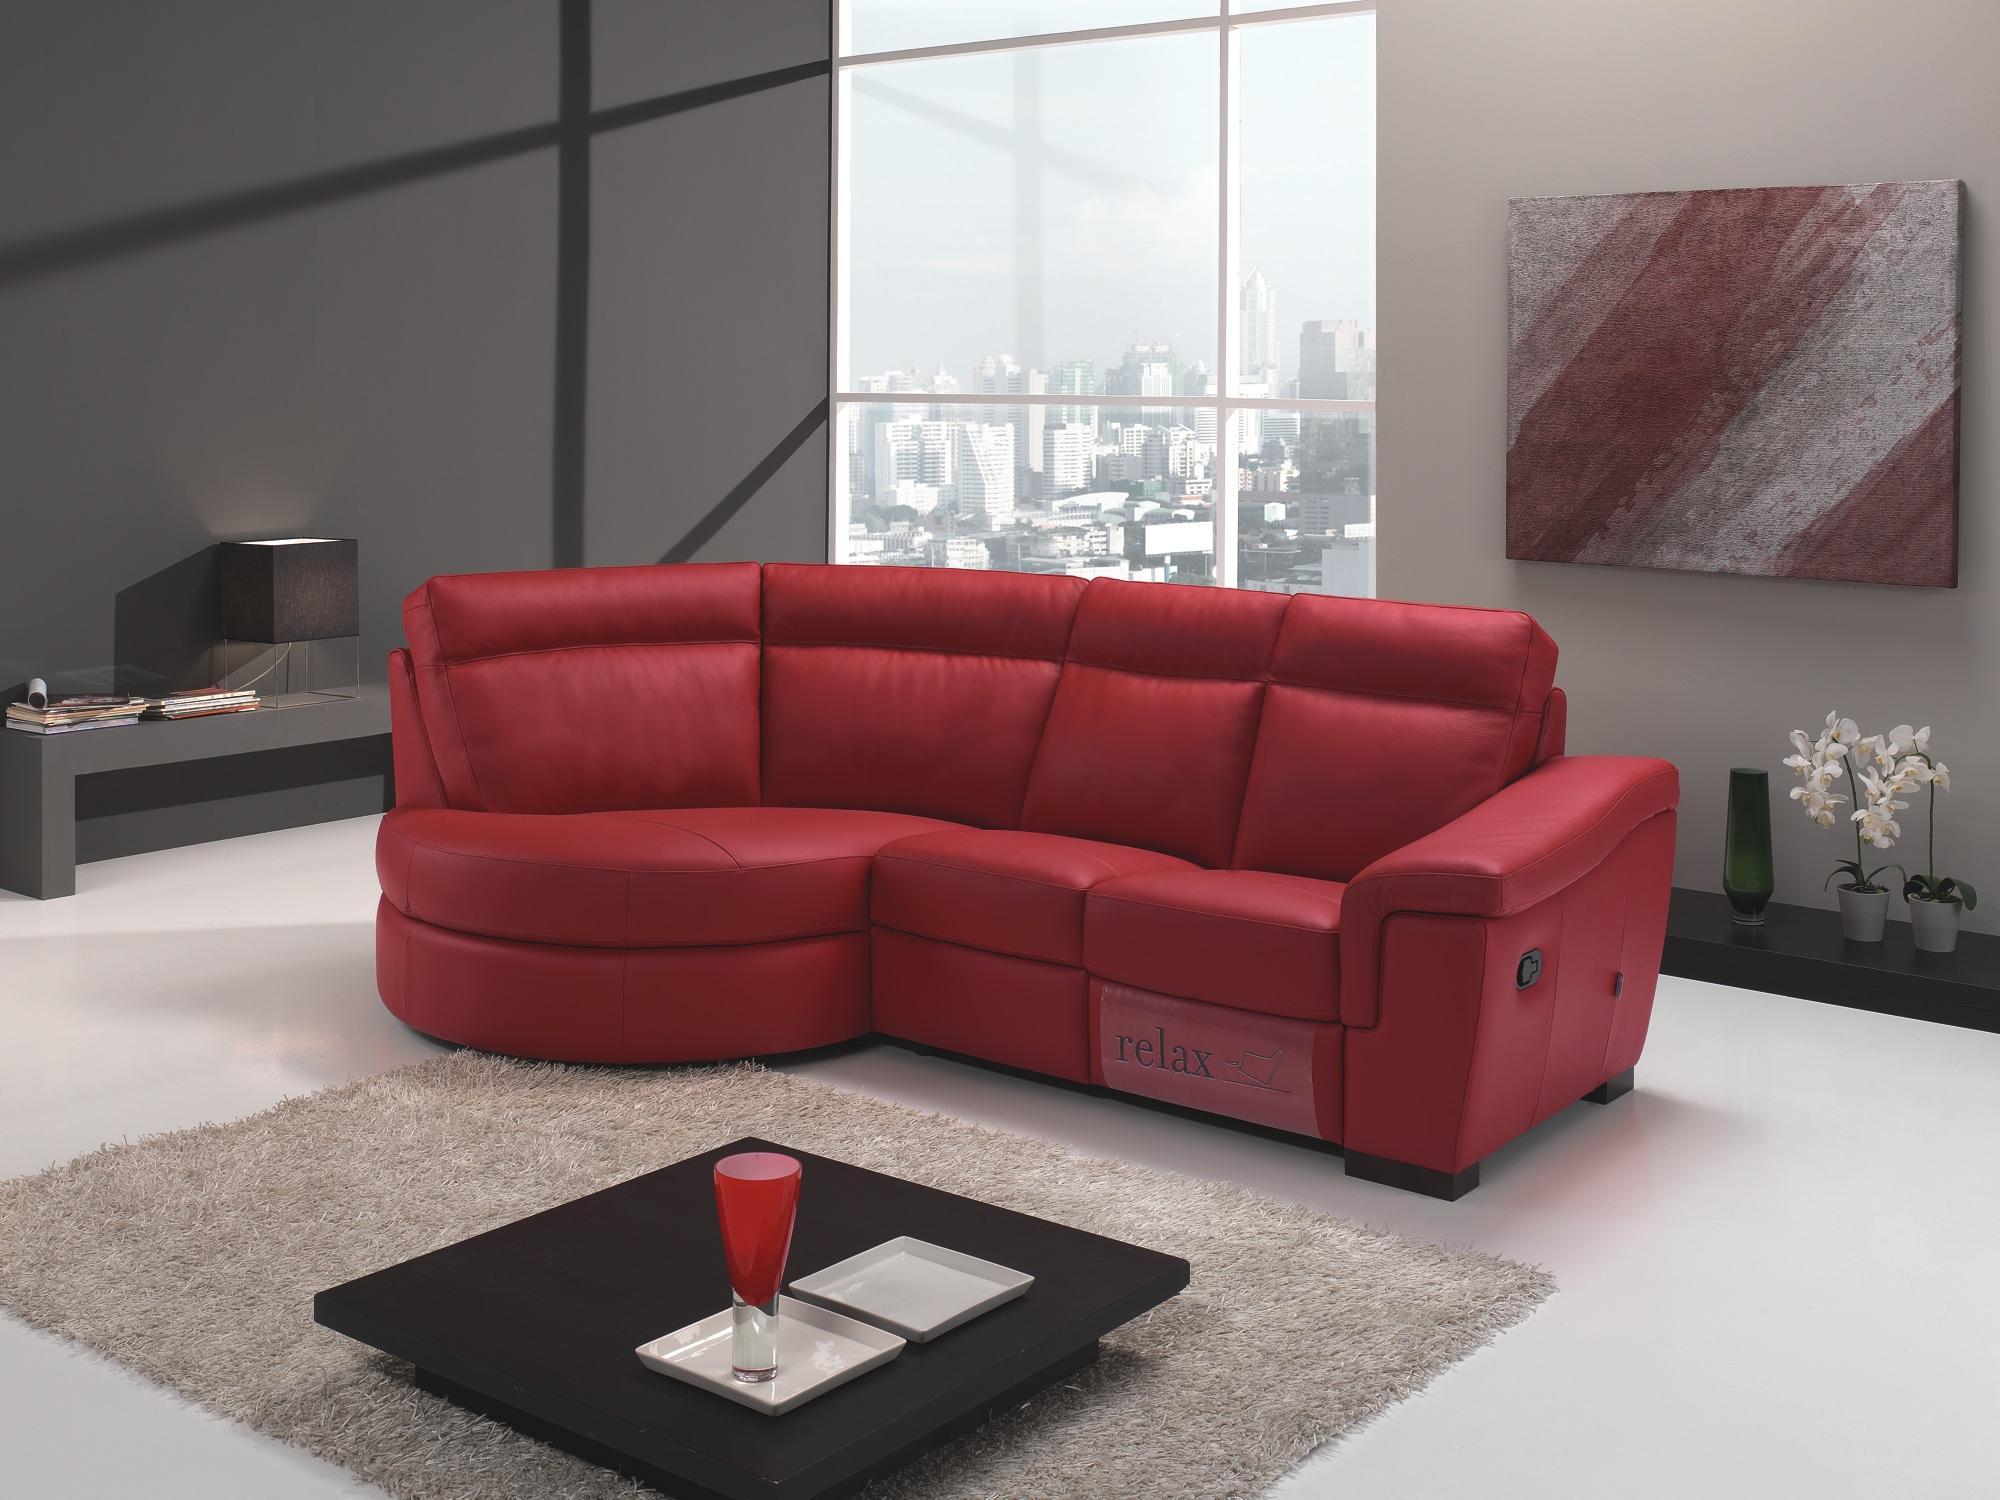 Poltrone e divani produzione e ingrosso a Bari | Overplaceoverplace.com